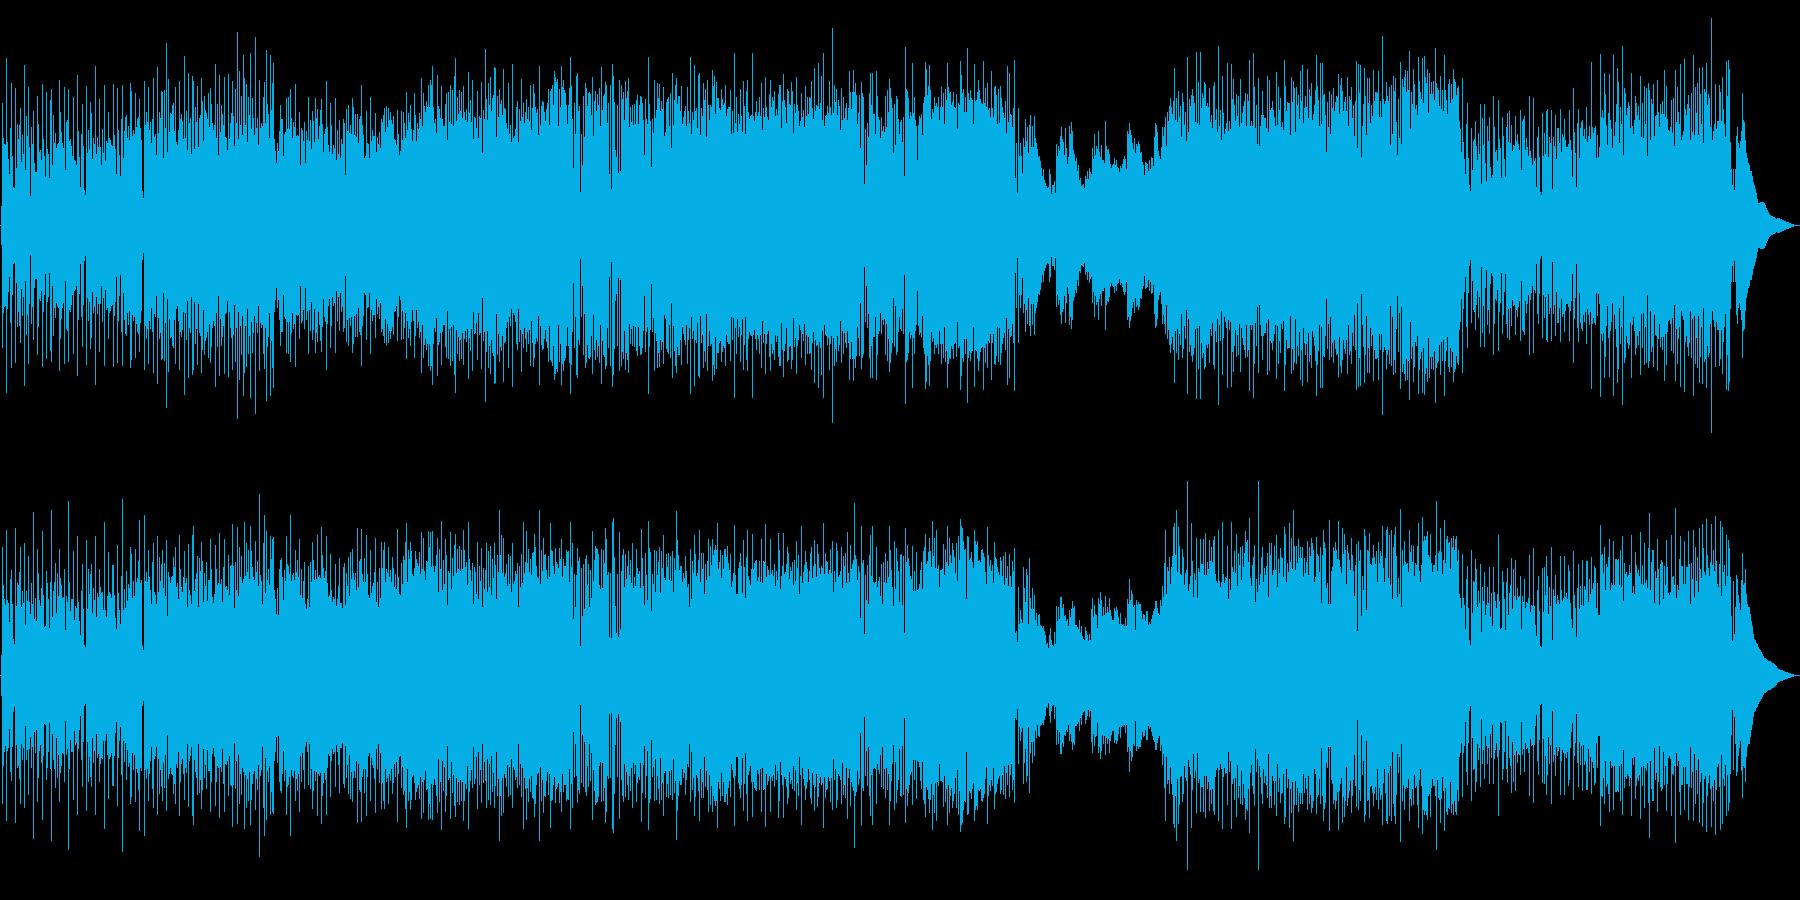 生演奏!アコースティックギターのポップスの再生済みの波形